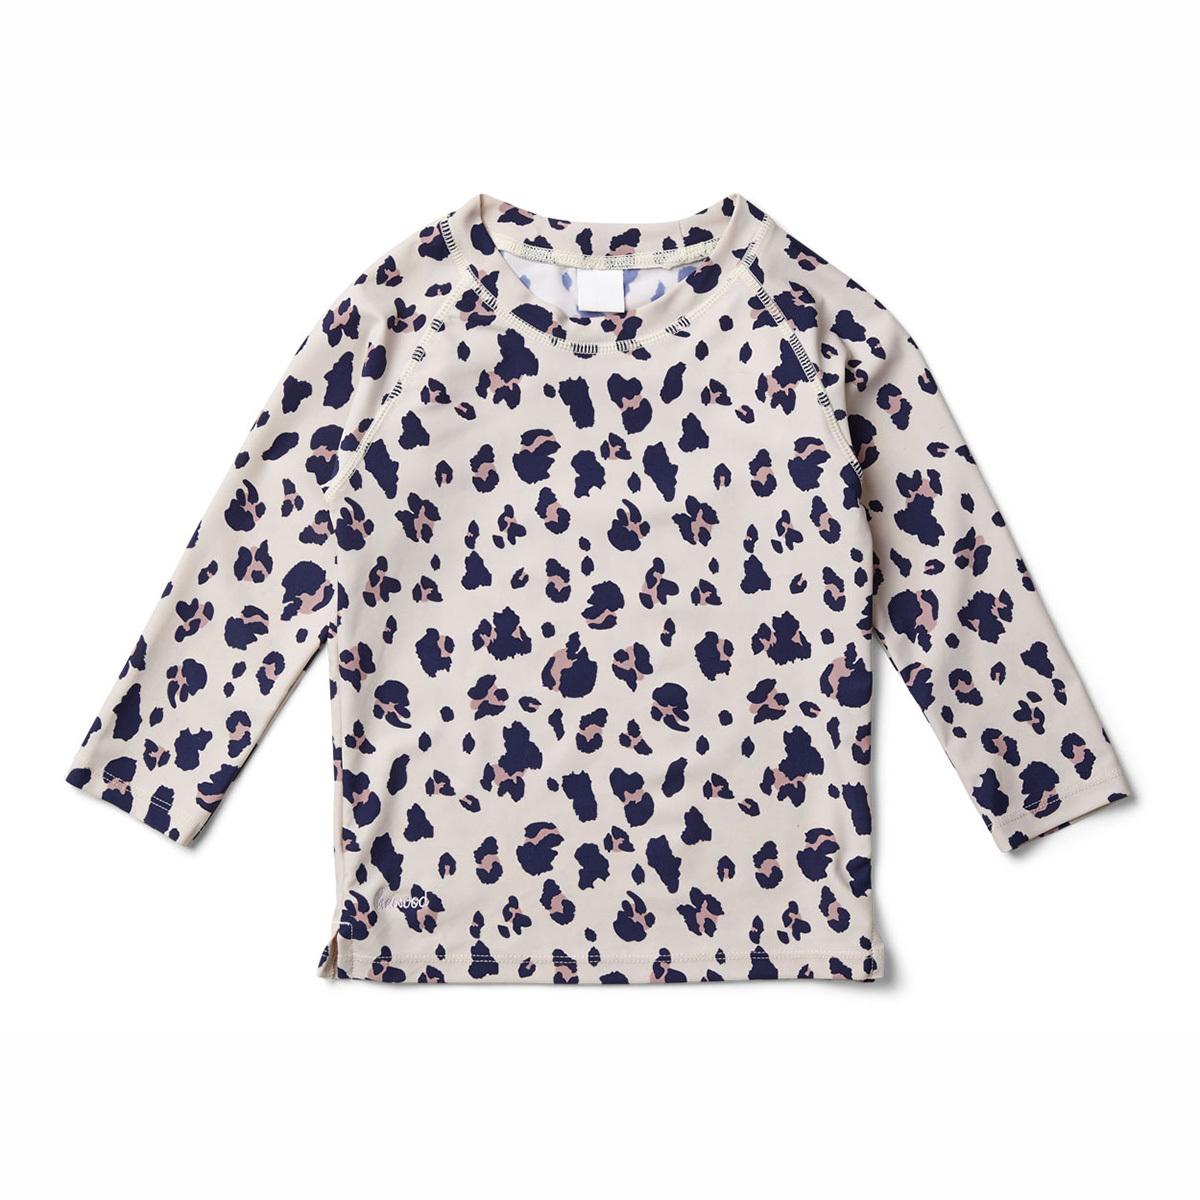 Accessoires bébé T-Shirt Noah - Leo Beige Beauty - 2/3 Ans T-Shirt Noah - Leo Beige Beauty - 2/3 Ans